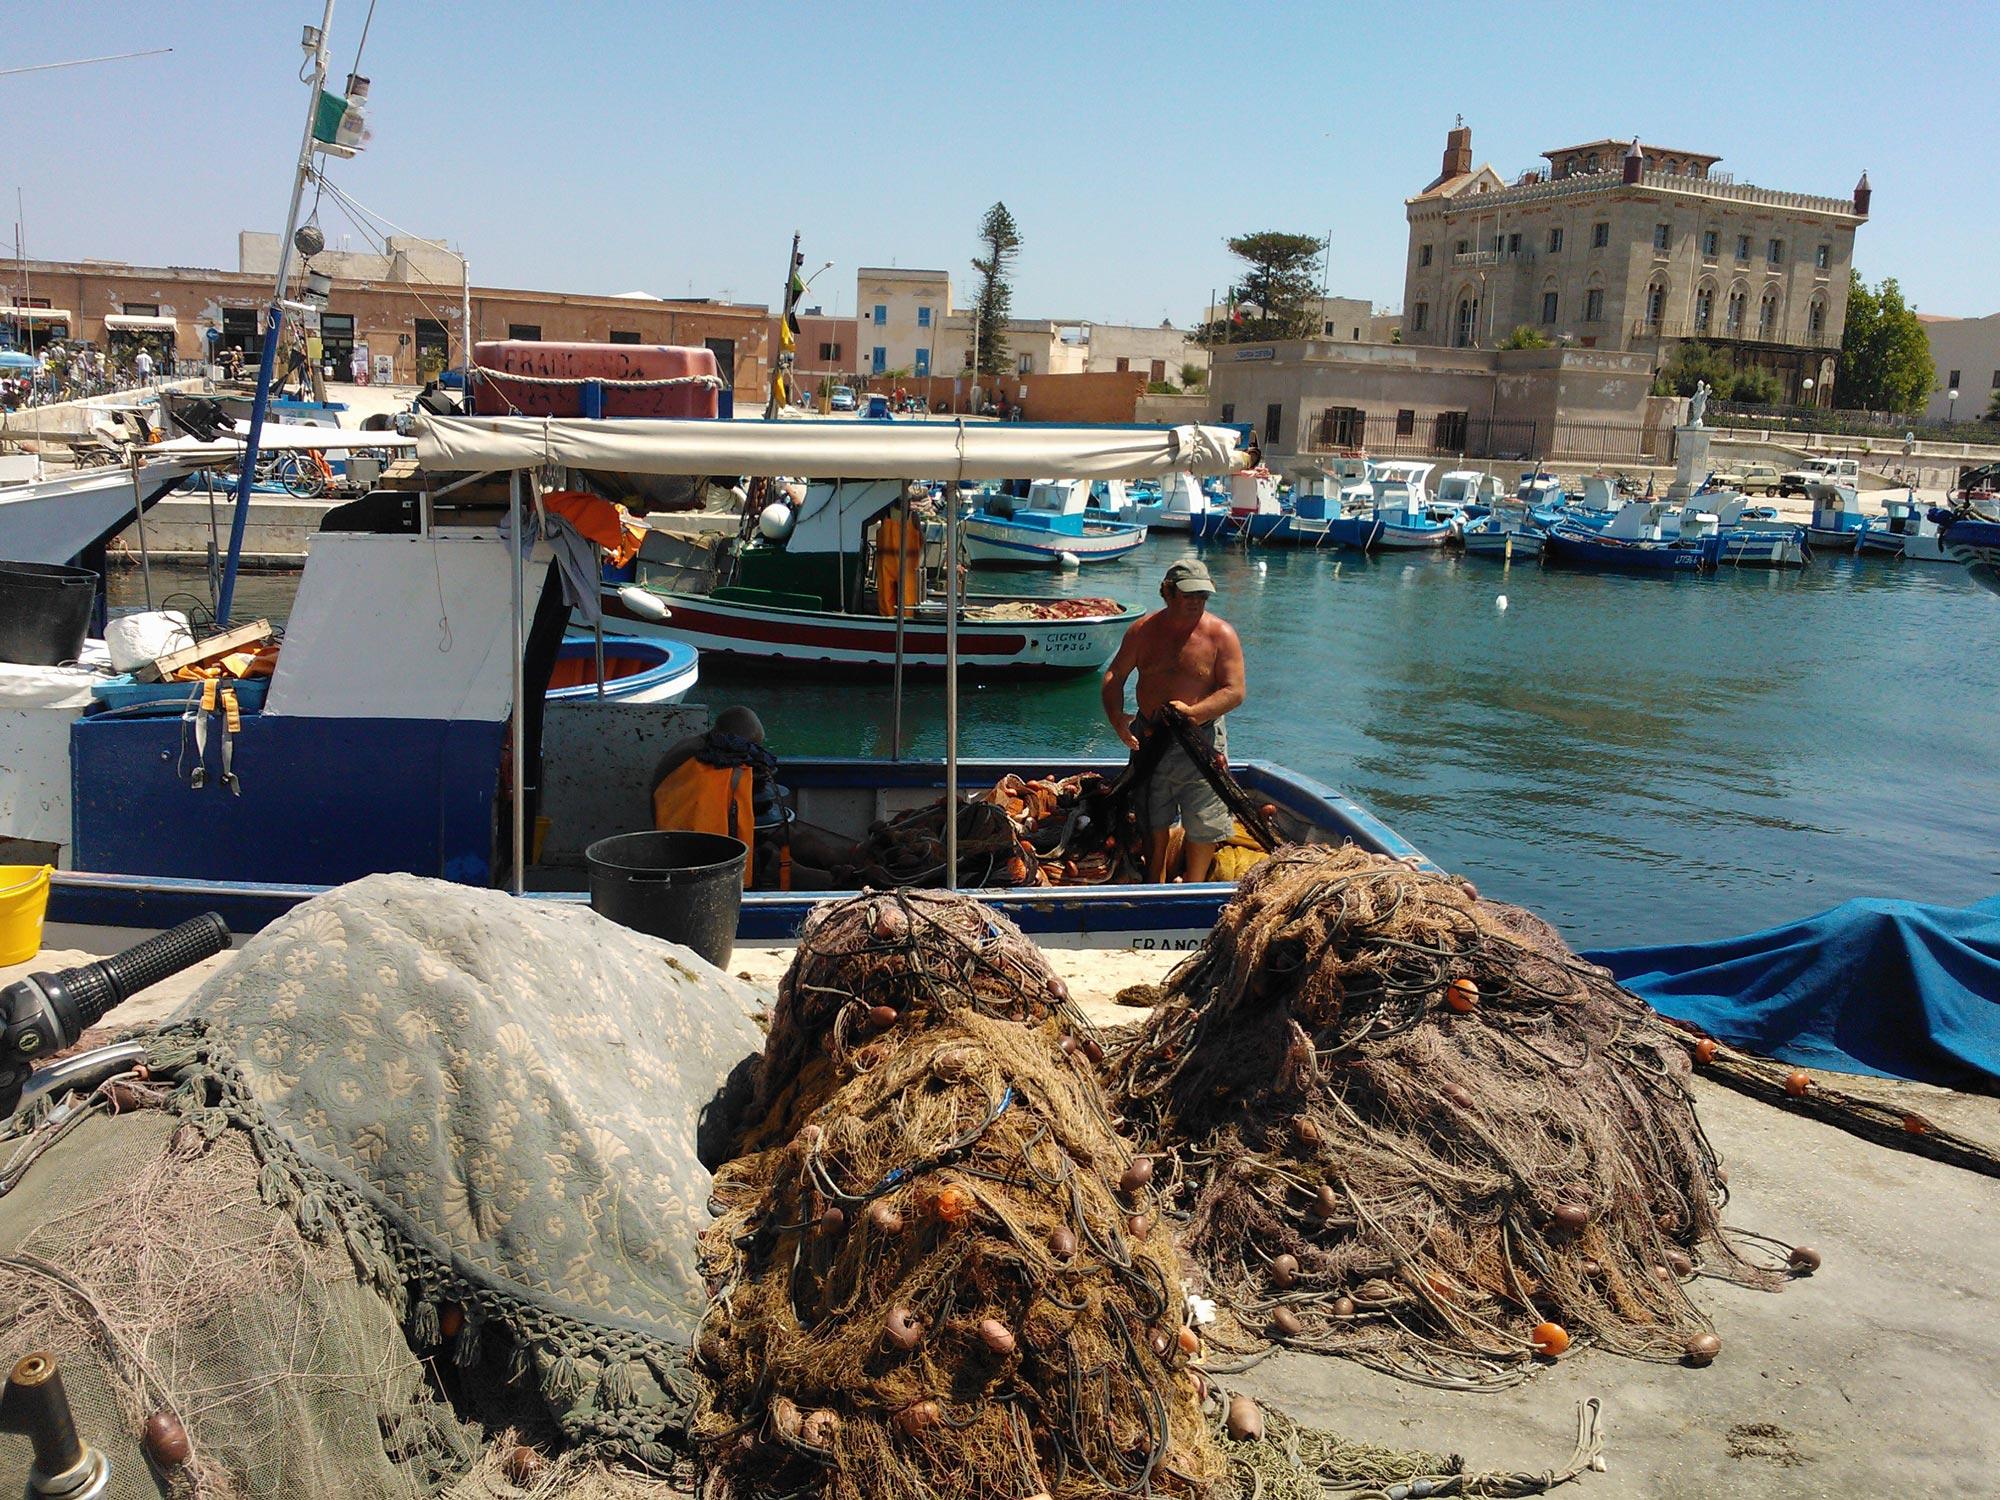 Trapani favignana harbor market fish